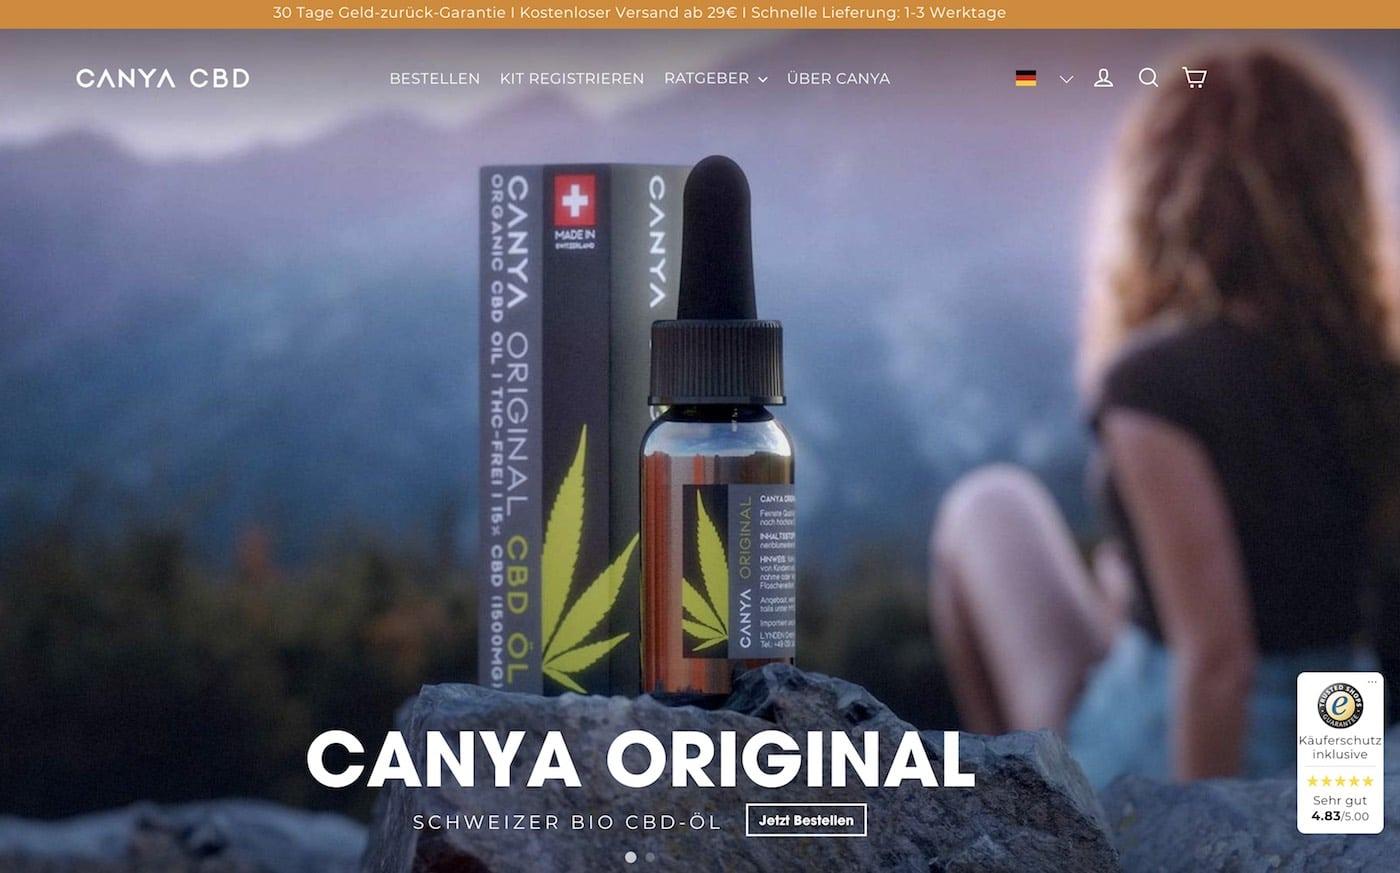 Canya Rabattcode und Gutschein